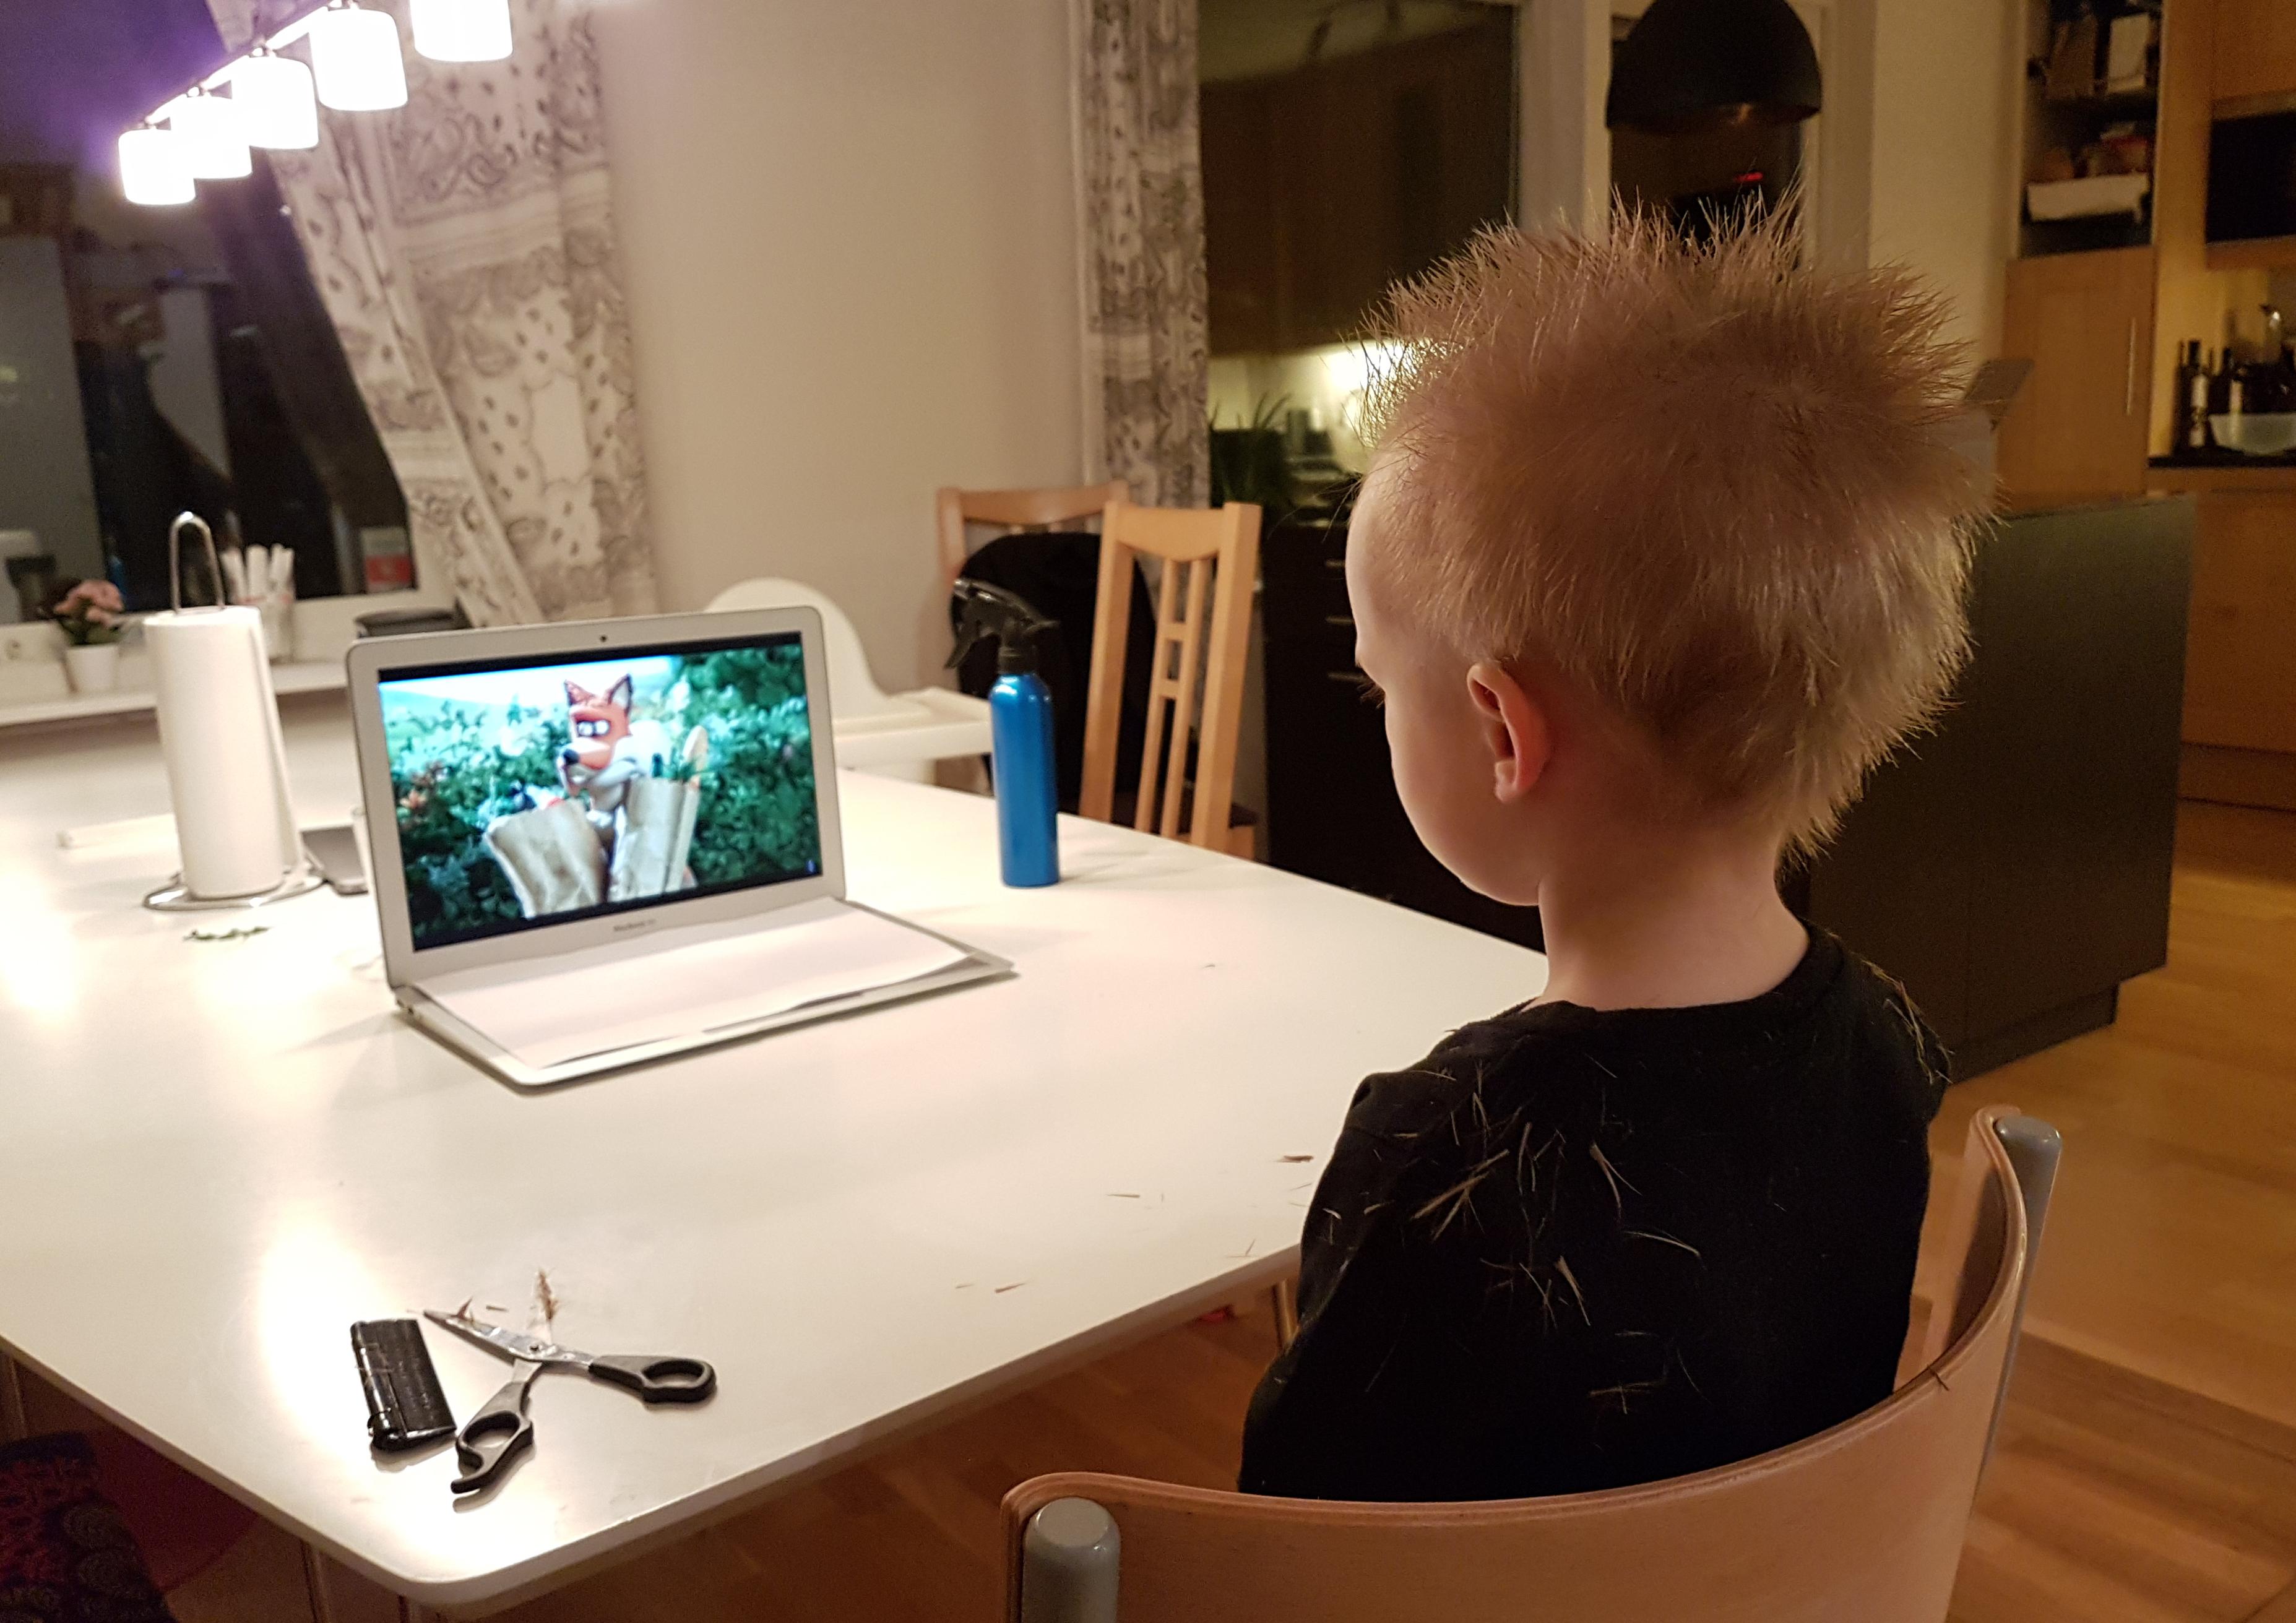 klippa en 2-åring